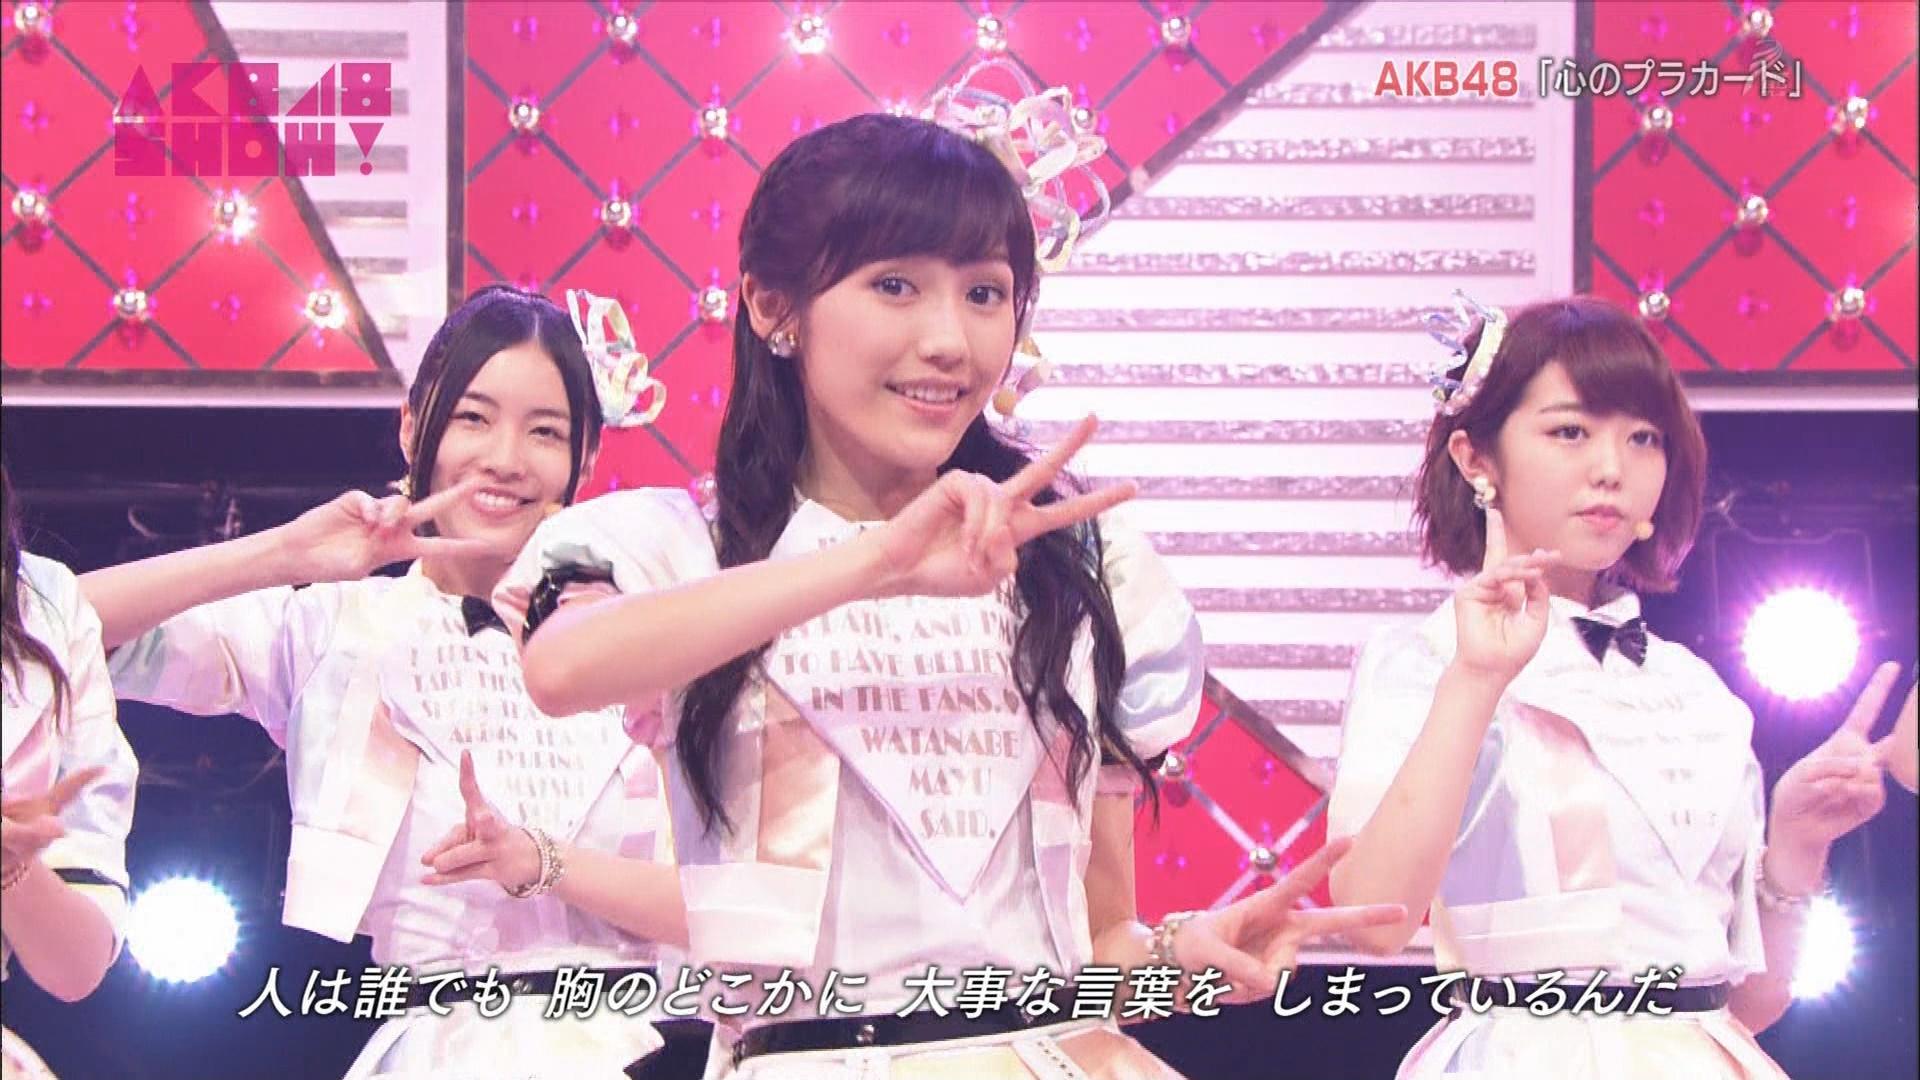 AKB48SHOW 心のプラカード 渡辺麻友 20140830 (14)